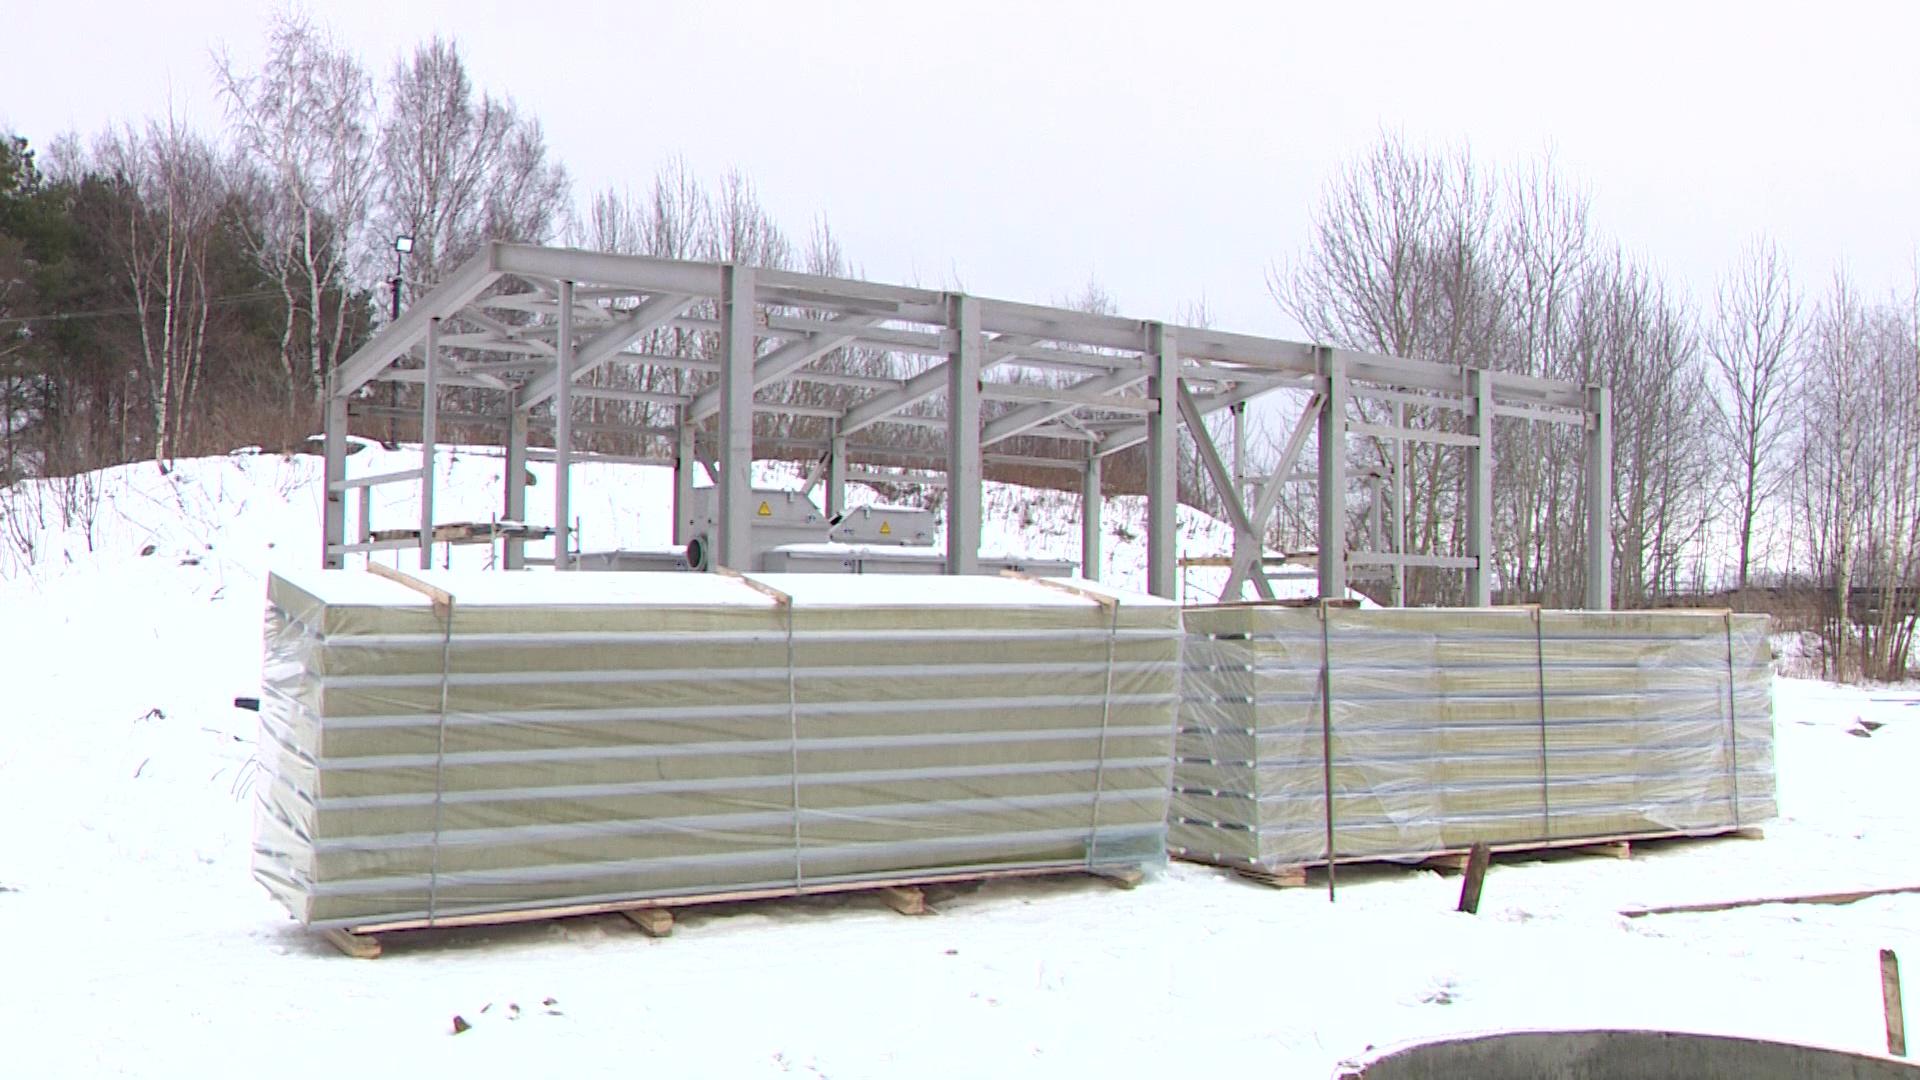 В рамках нацпроекта «Экология» в нескольких районах области идет реконструкция очистных сооружений